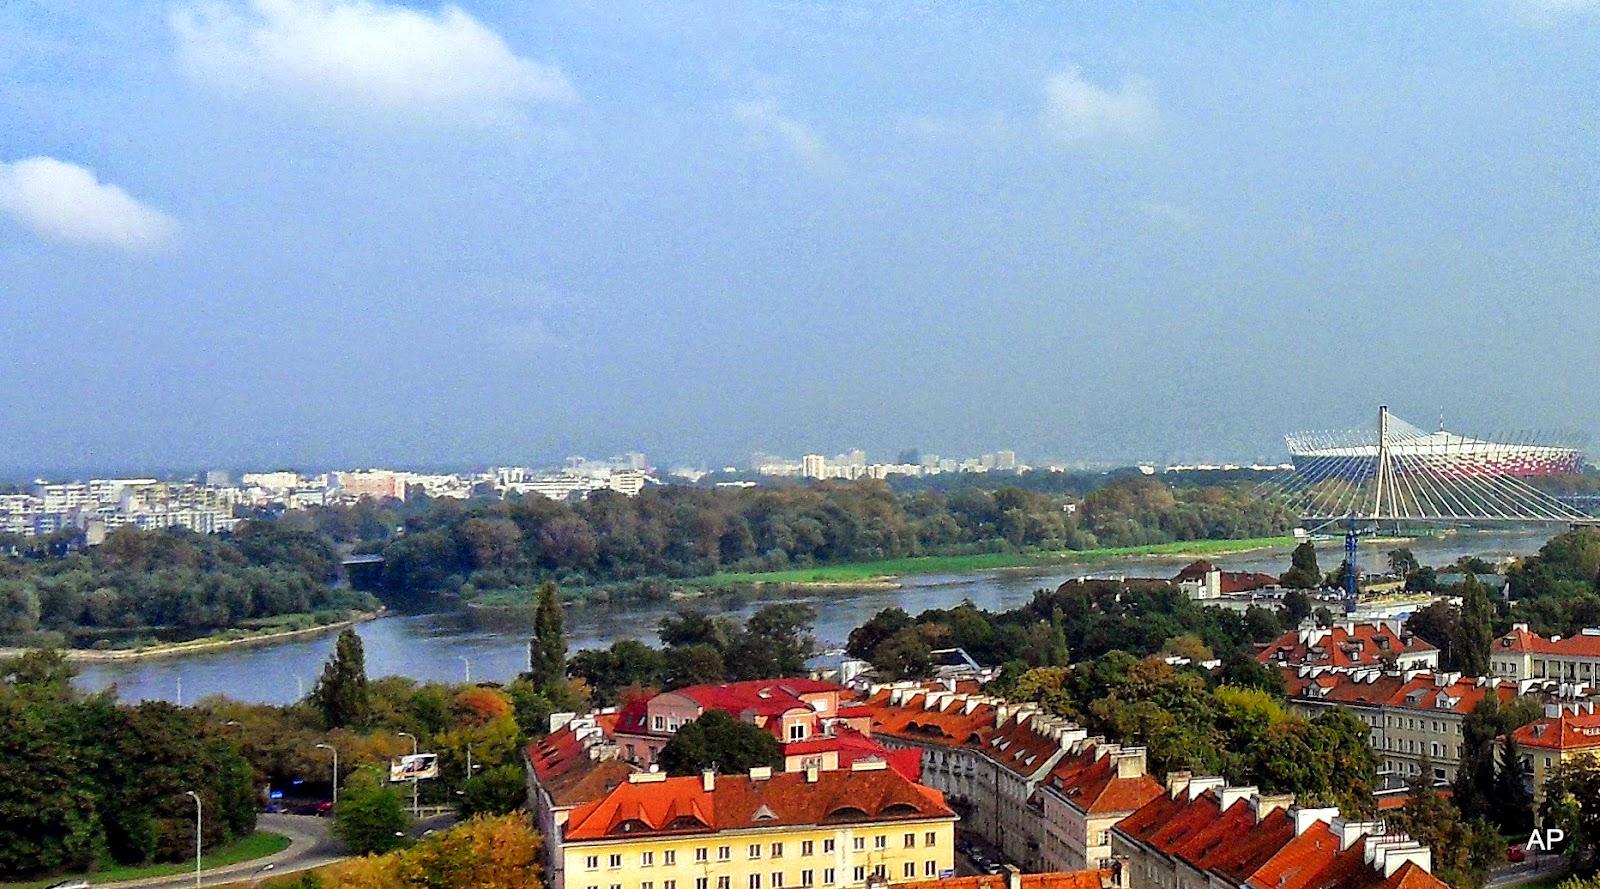 Blick auf die Prager Stadtteile und die Nationalstadion auf der anderen Seite des Flusses